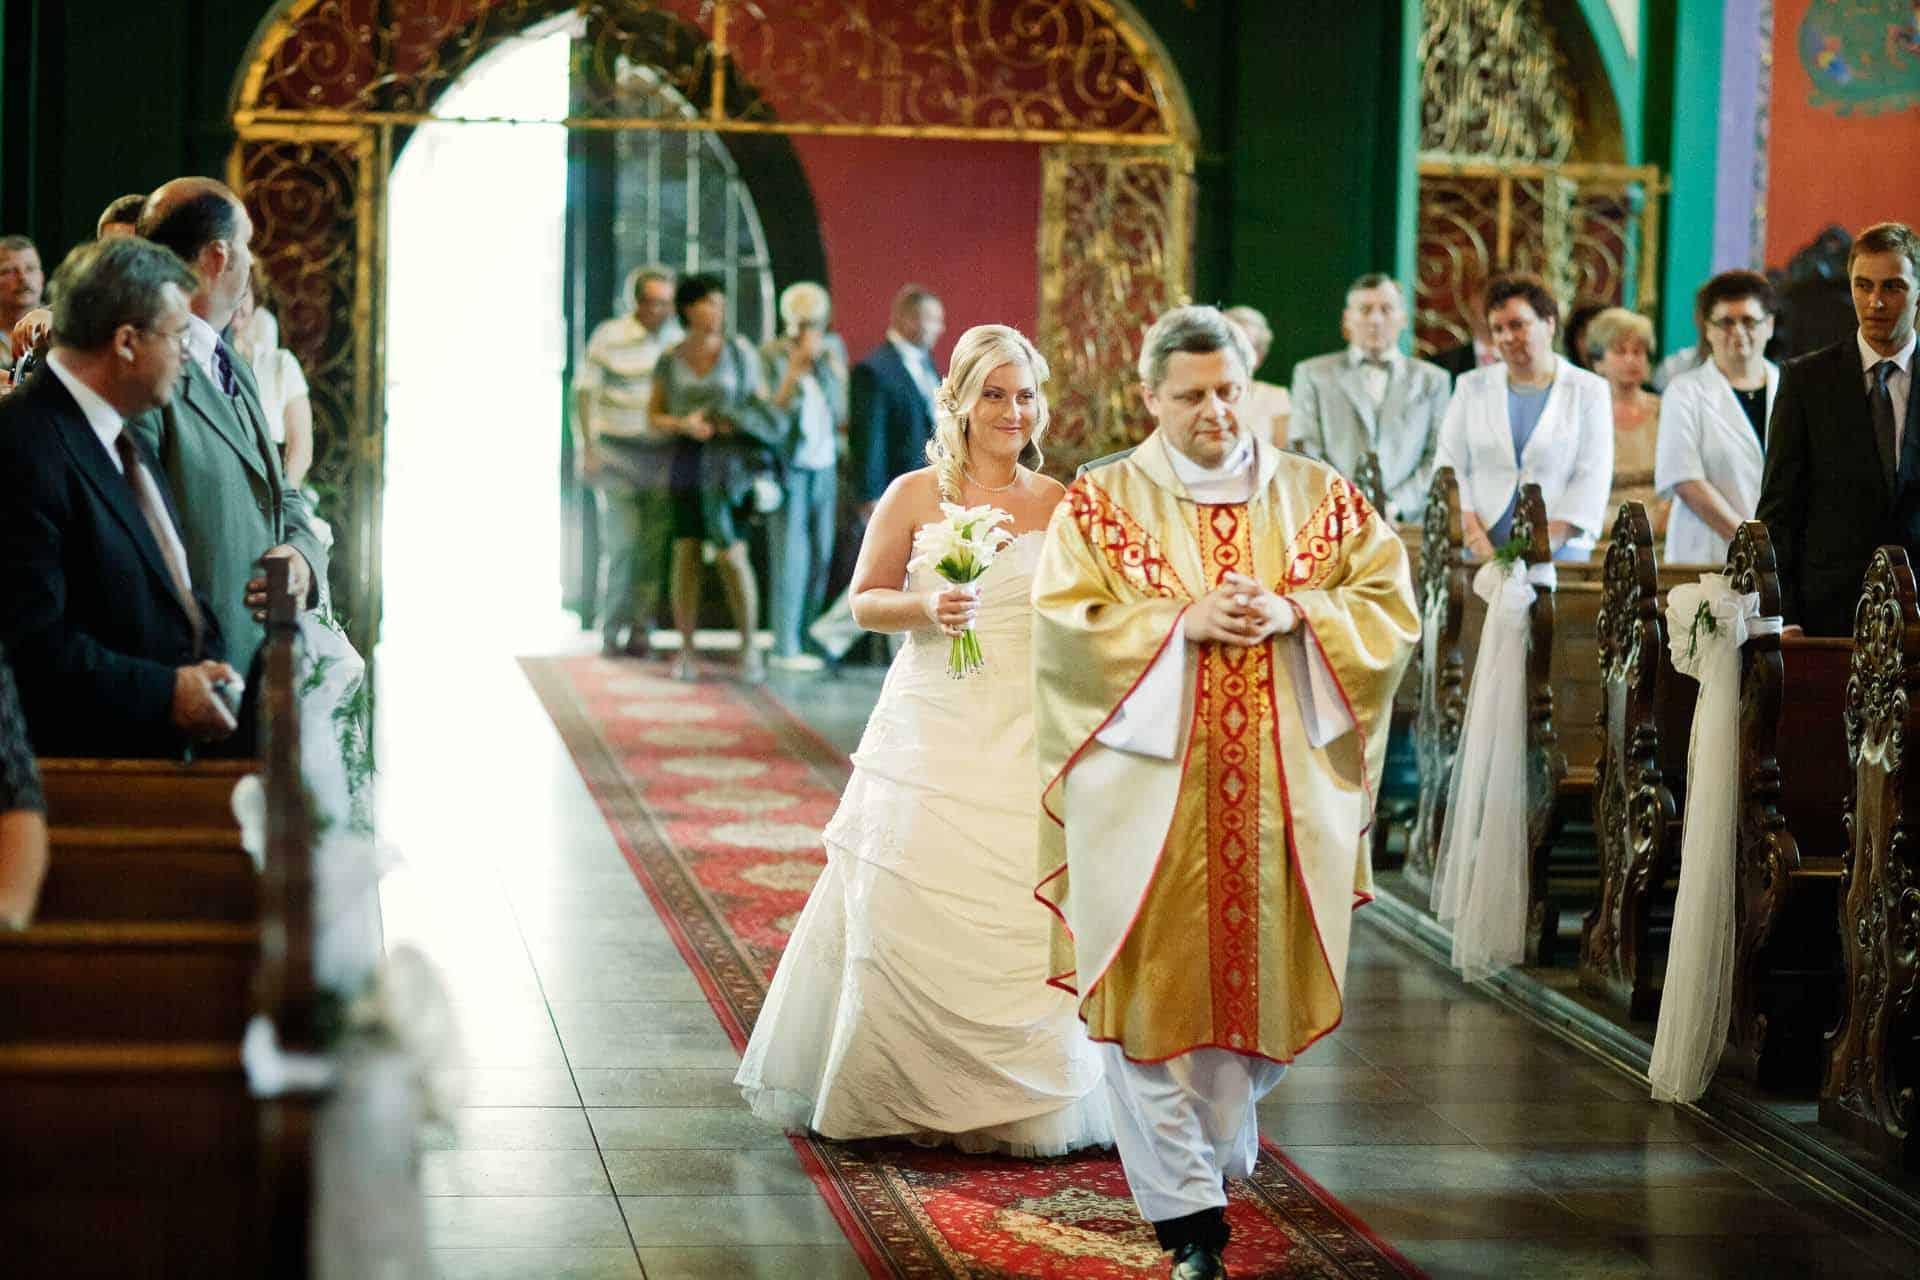 fotografia-slubna-z-ceremonii-w-kosciele-bydgoszcz-anna-i-michal-para-mloda-007